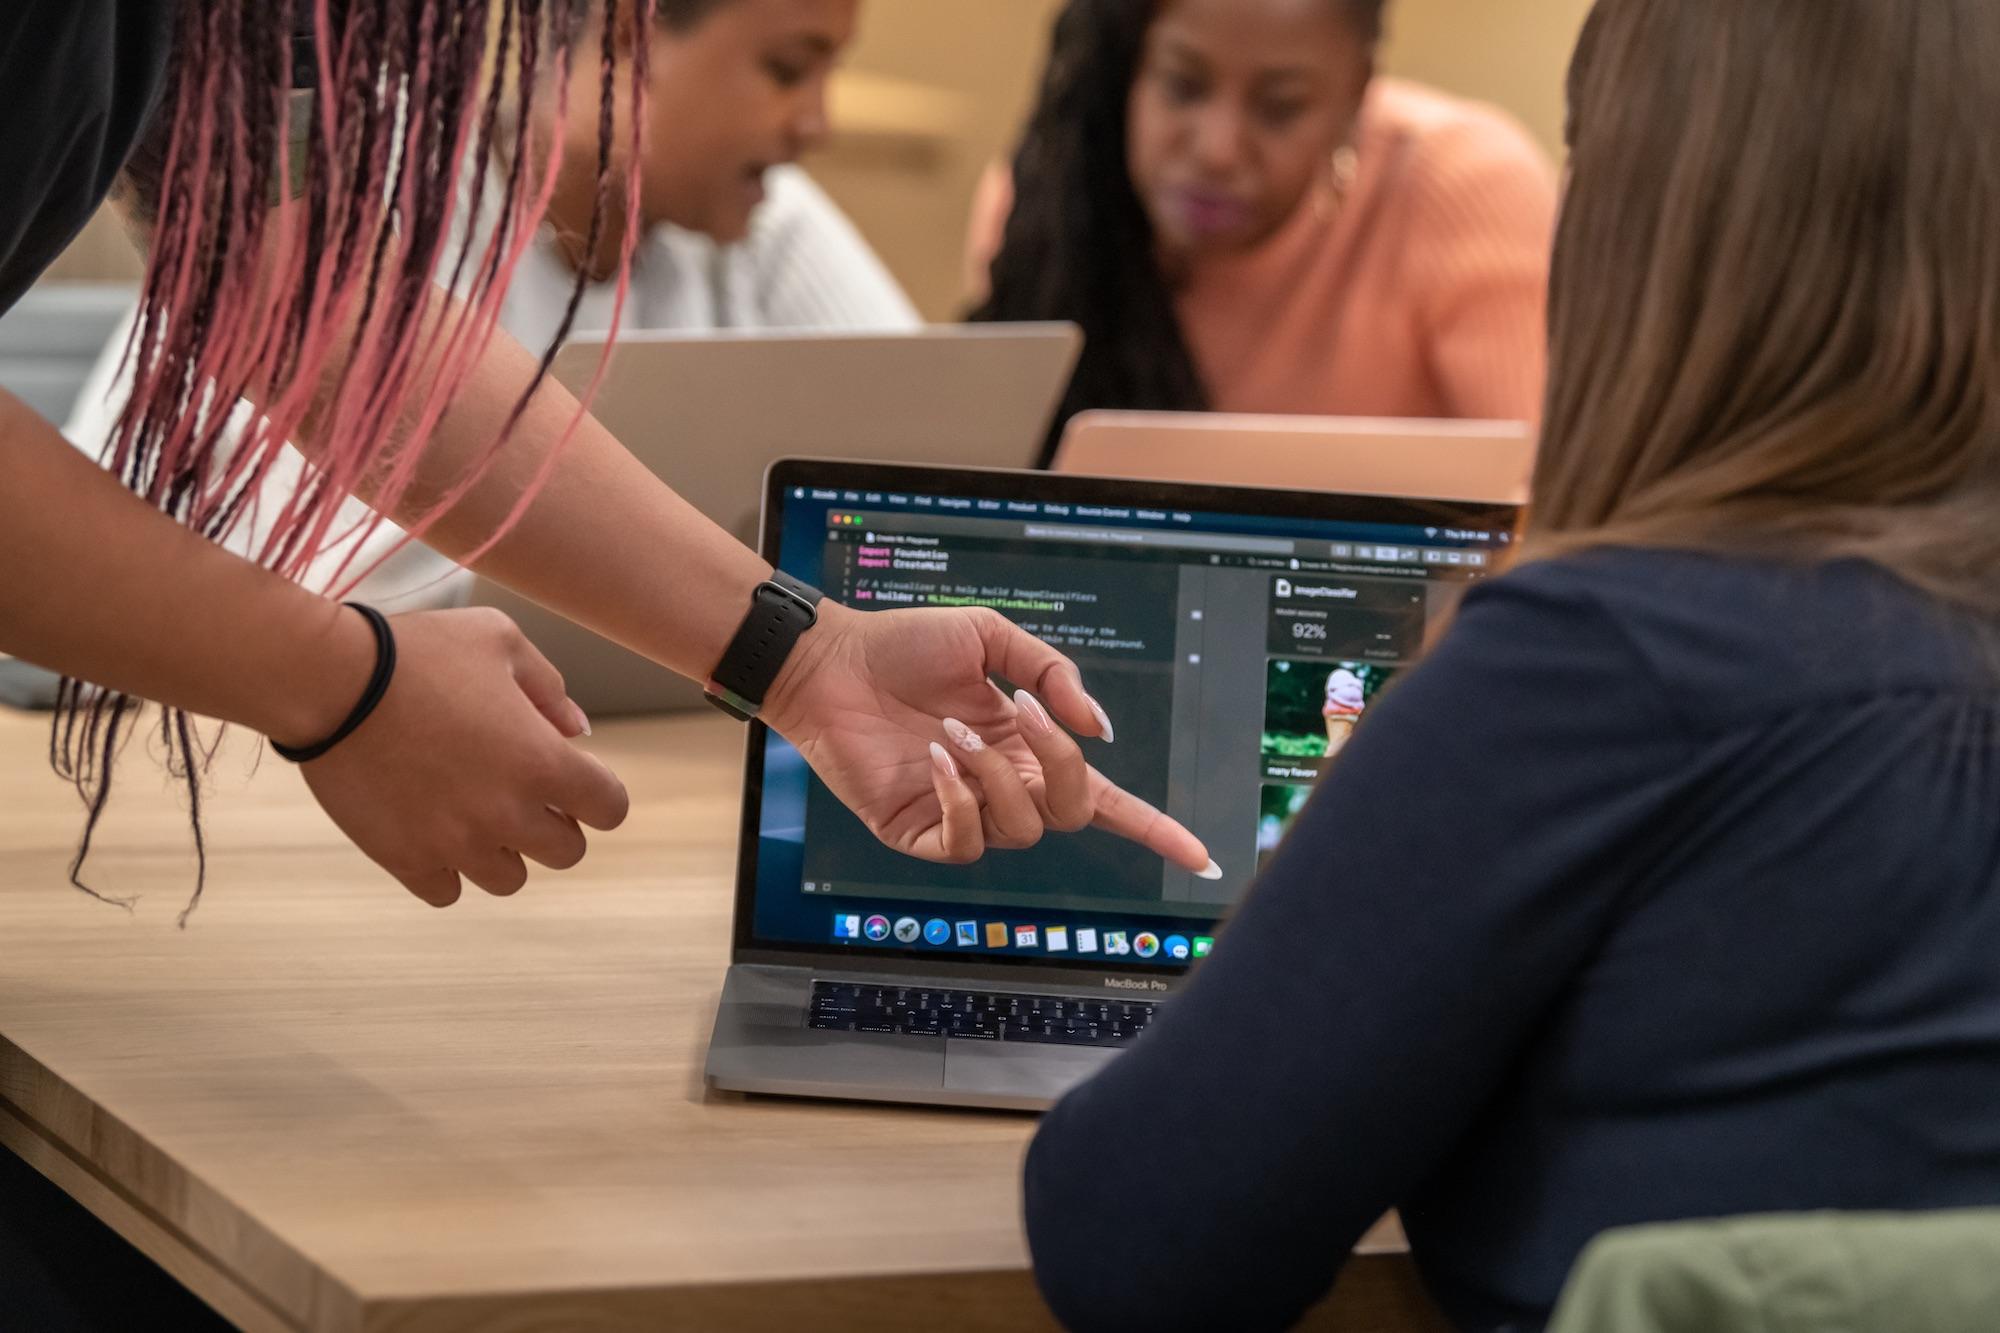 mulheres conversando em frente a computador ilustrando Apple Entrepreneur Camp para mulheres